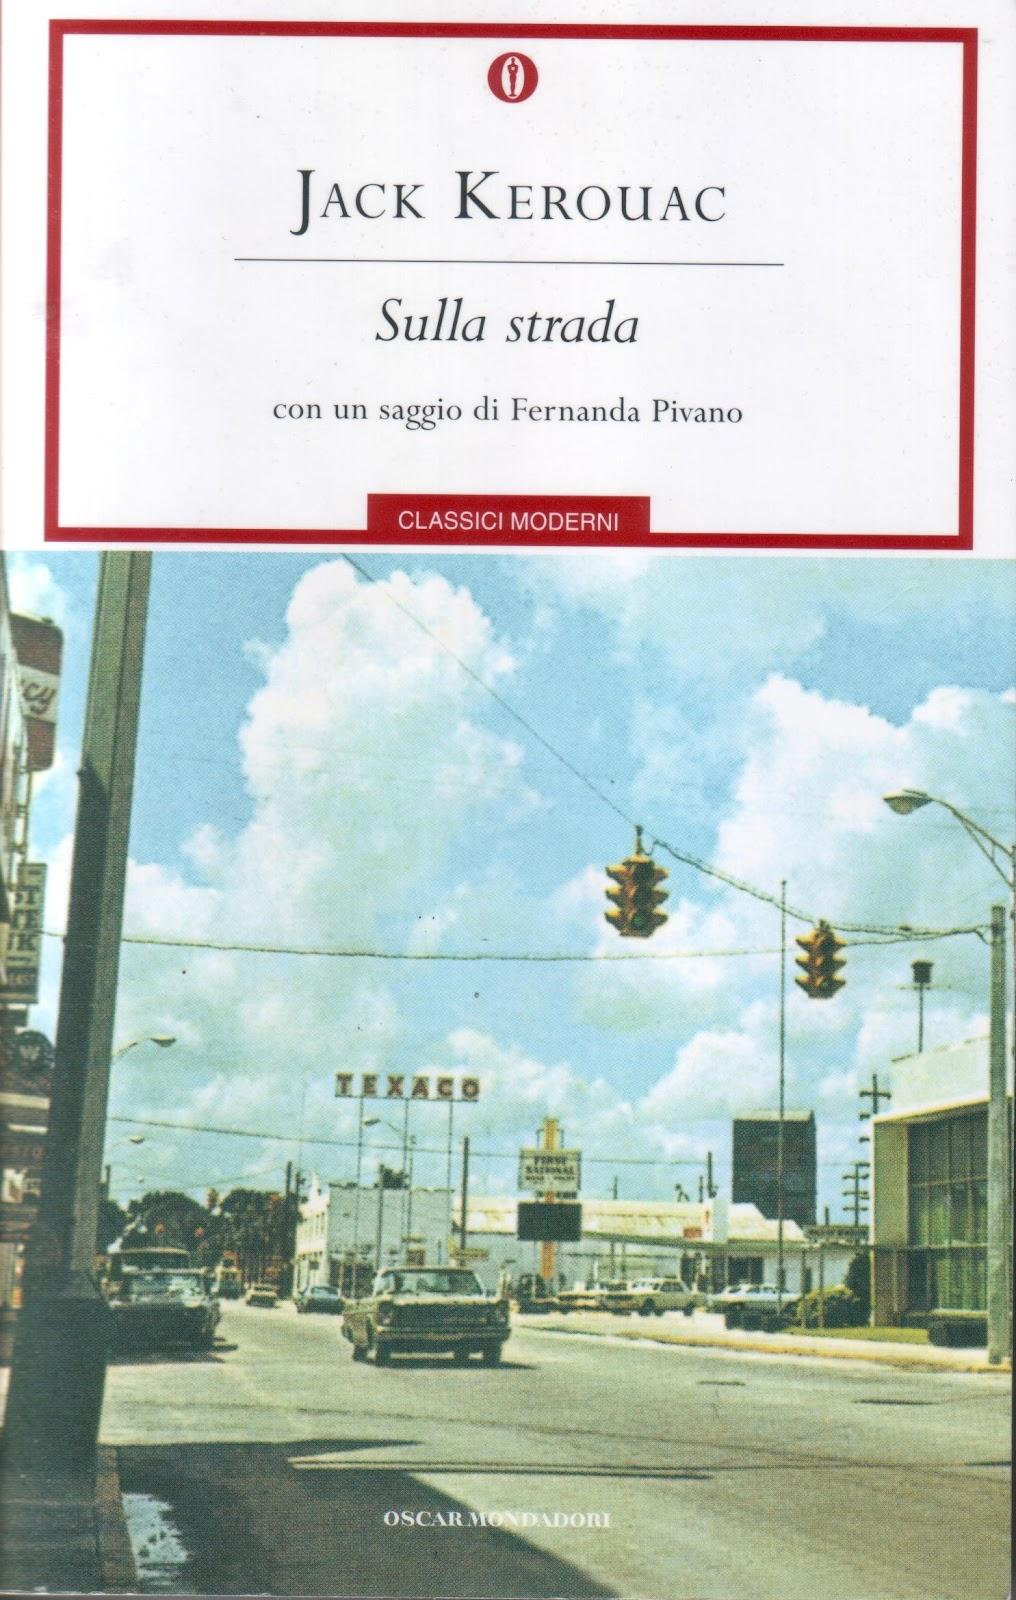 Jack Kerouac, Sulla strada, Mondadori